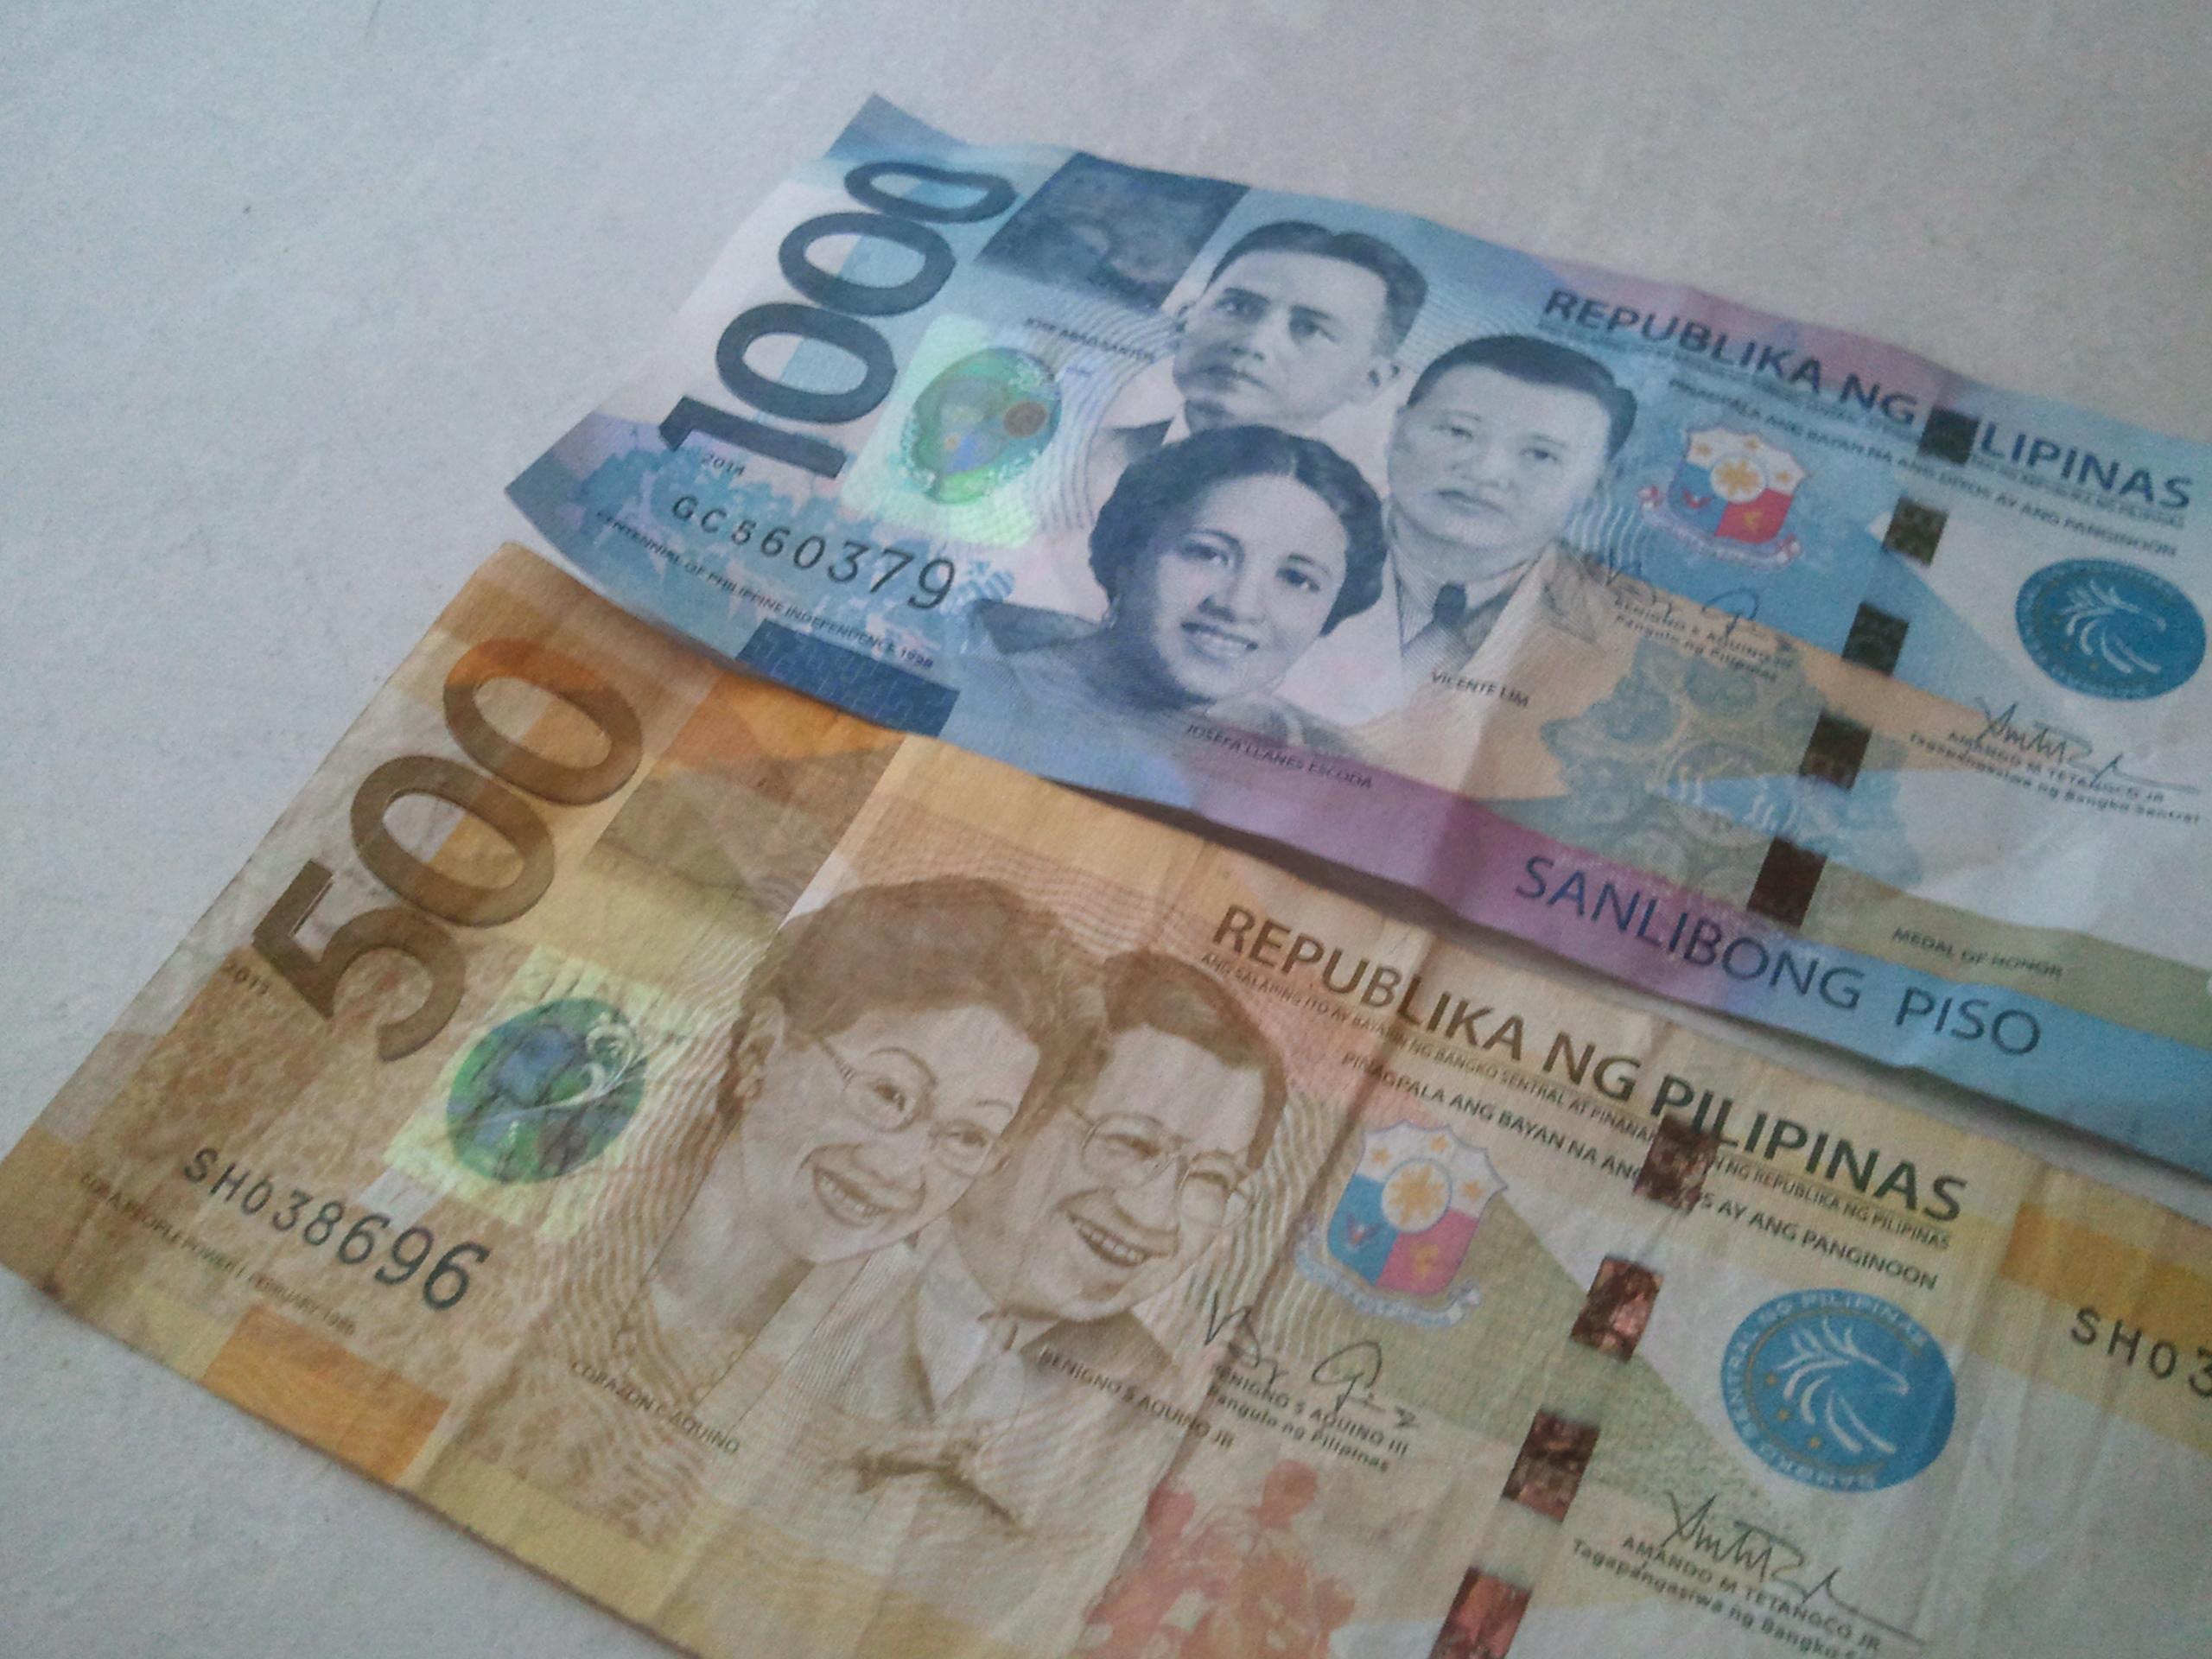 「紙幣に女性」の10か国 フィリピンはホセファ・リアネス・エスコダと、アキノ現大統領の母親